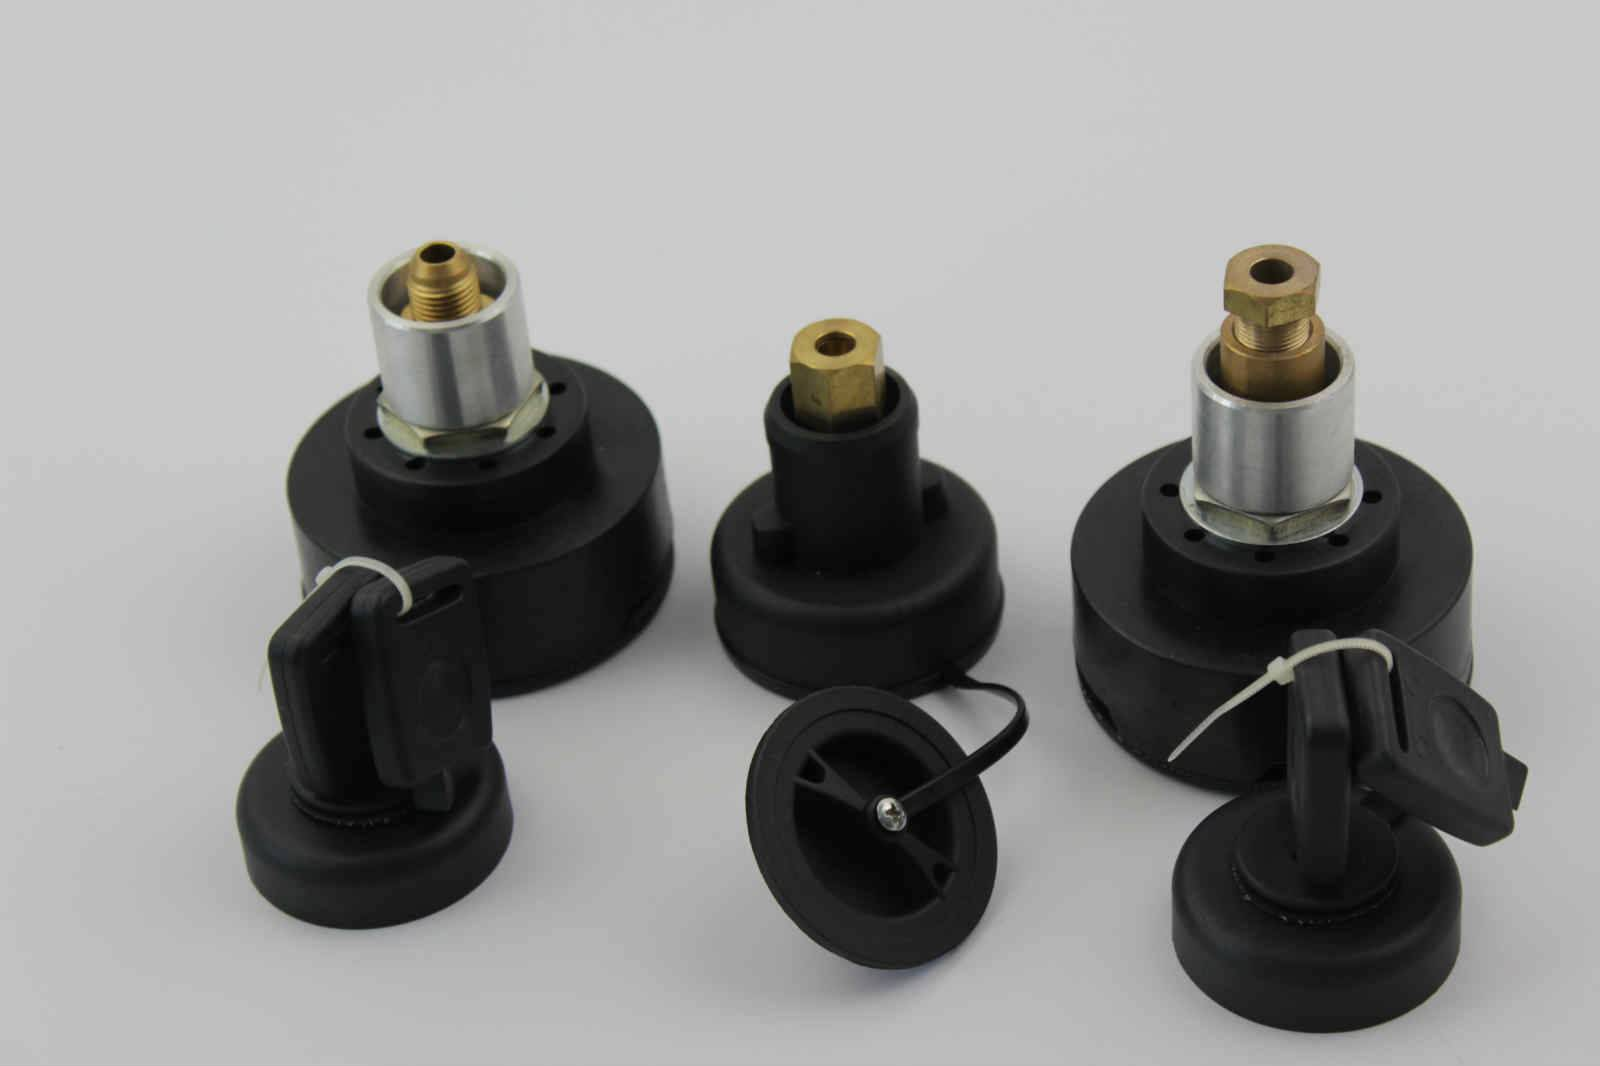 LPG filling valve/Nozzle